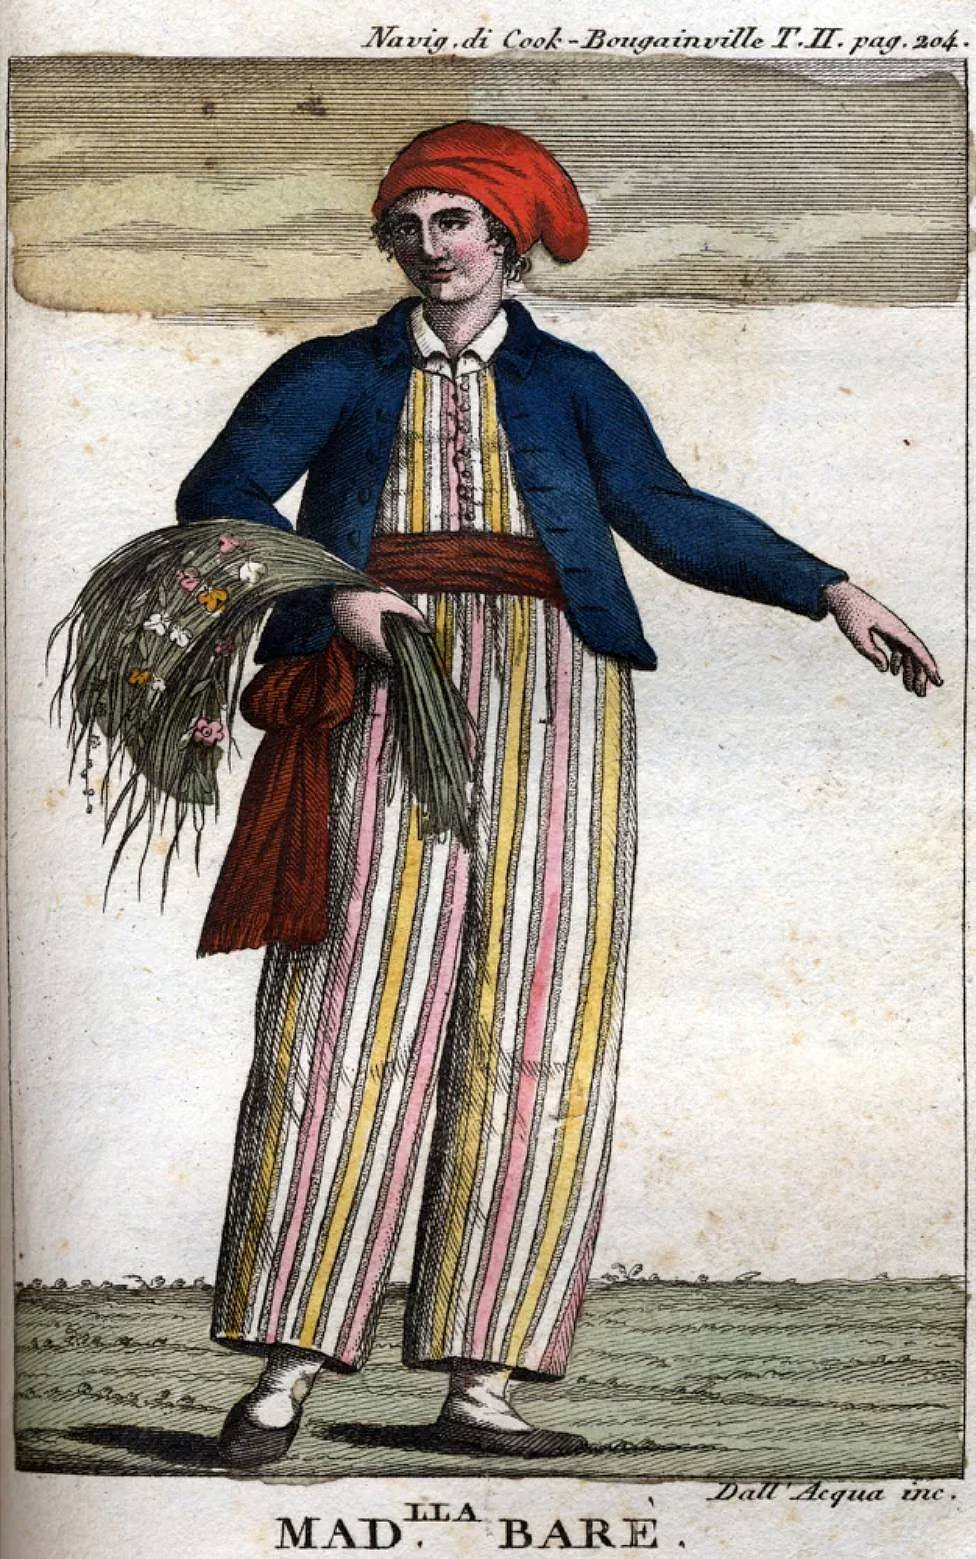 Retrato imaginado de Jeanne Baret vestida de marinero hecho postumamente, en 1817.